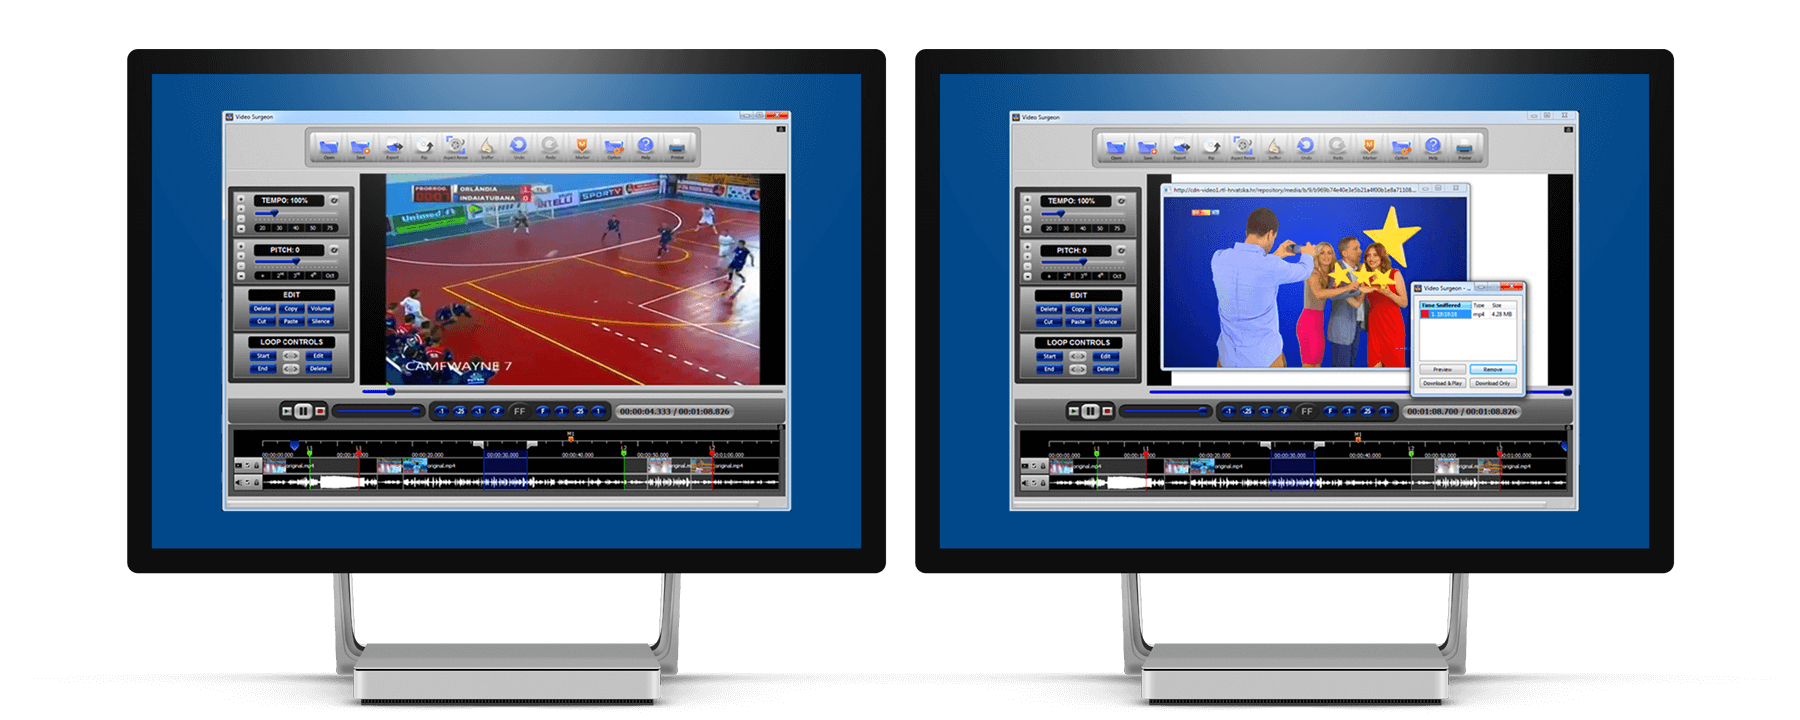 VideoSurgeon solution